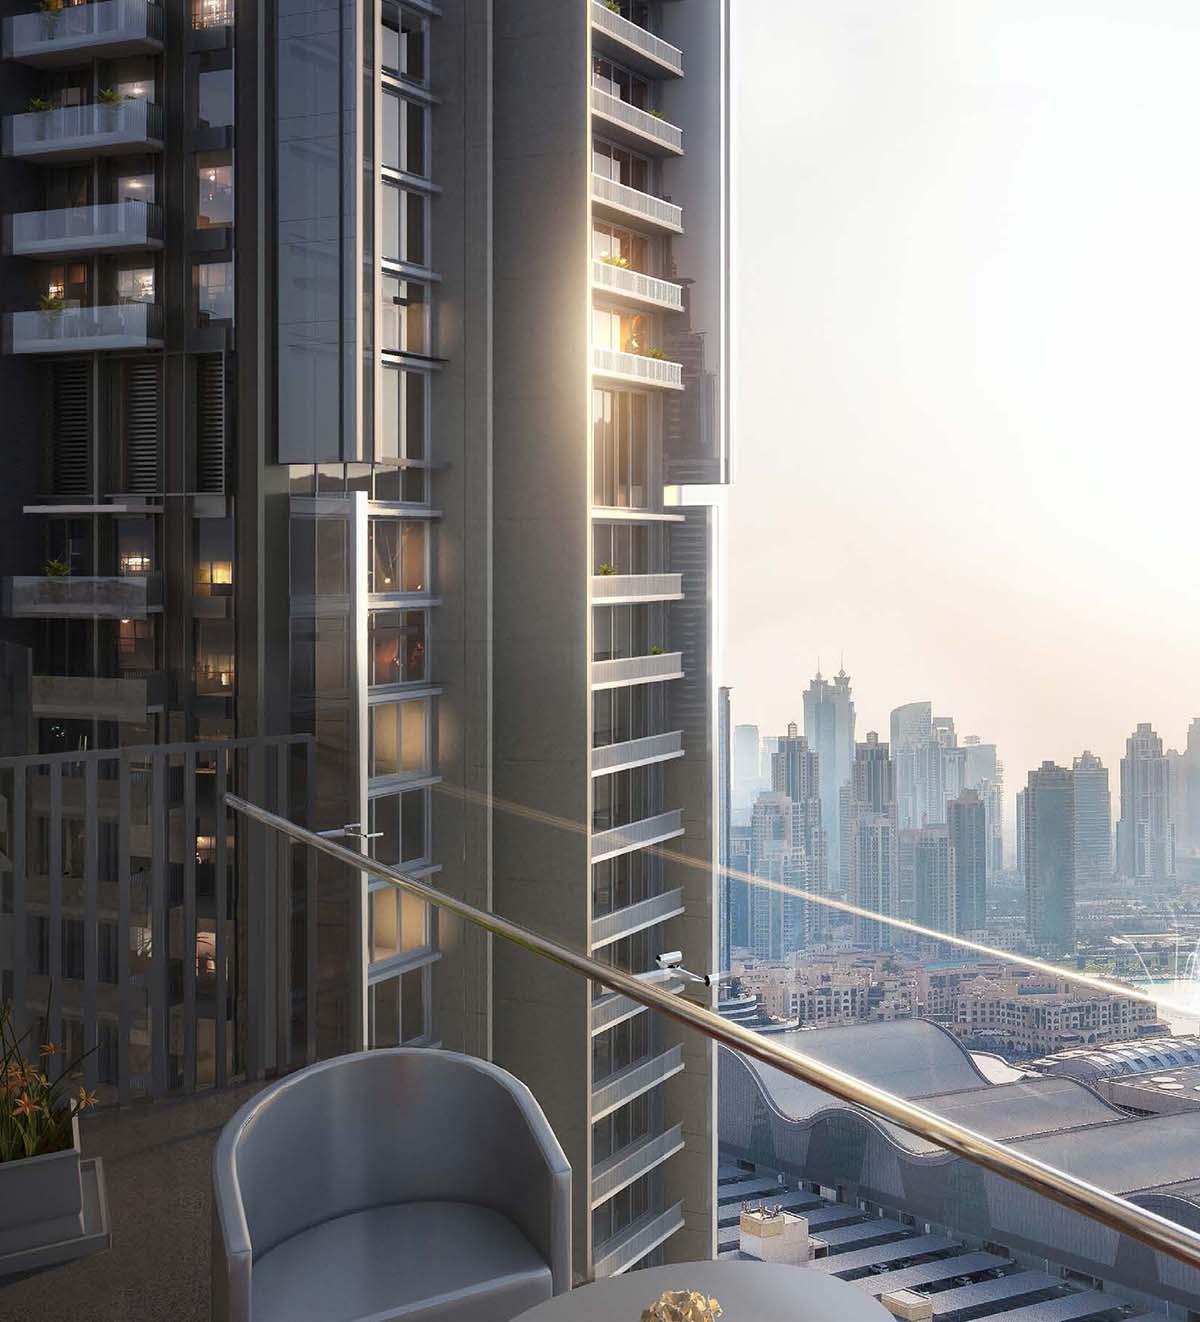 تقع الشقق الفندقية المخدومة في داون تاون دبي